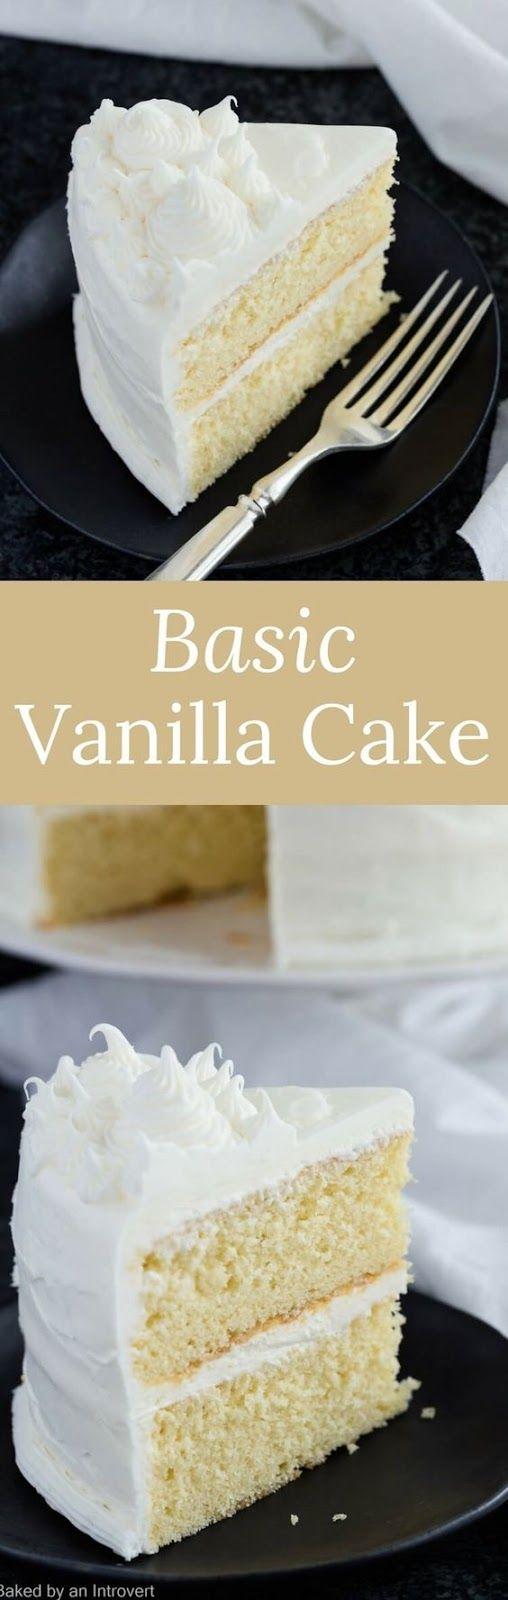 Basic Vanilla Cake | Cake And Food Recipe